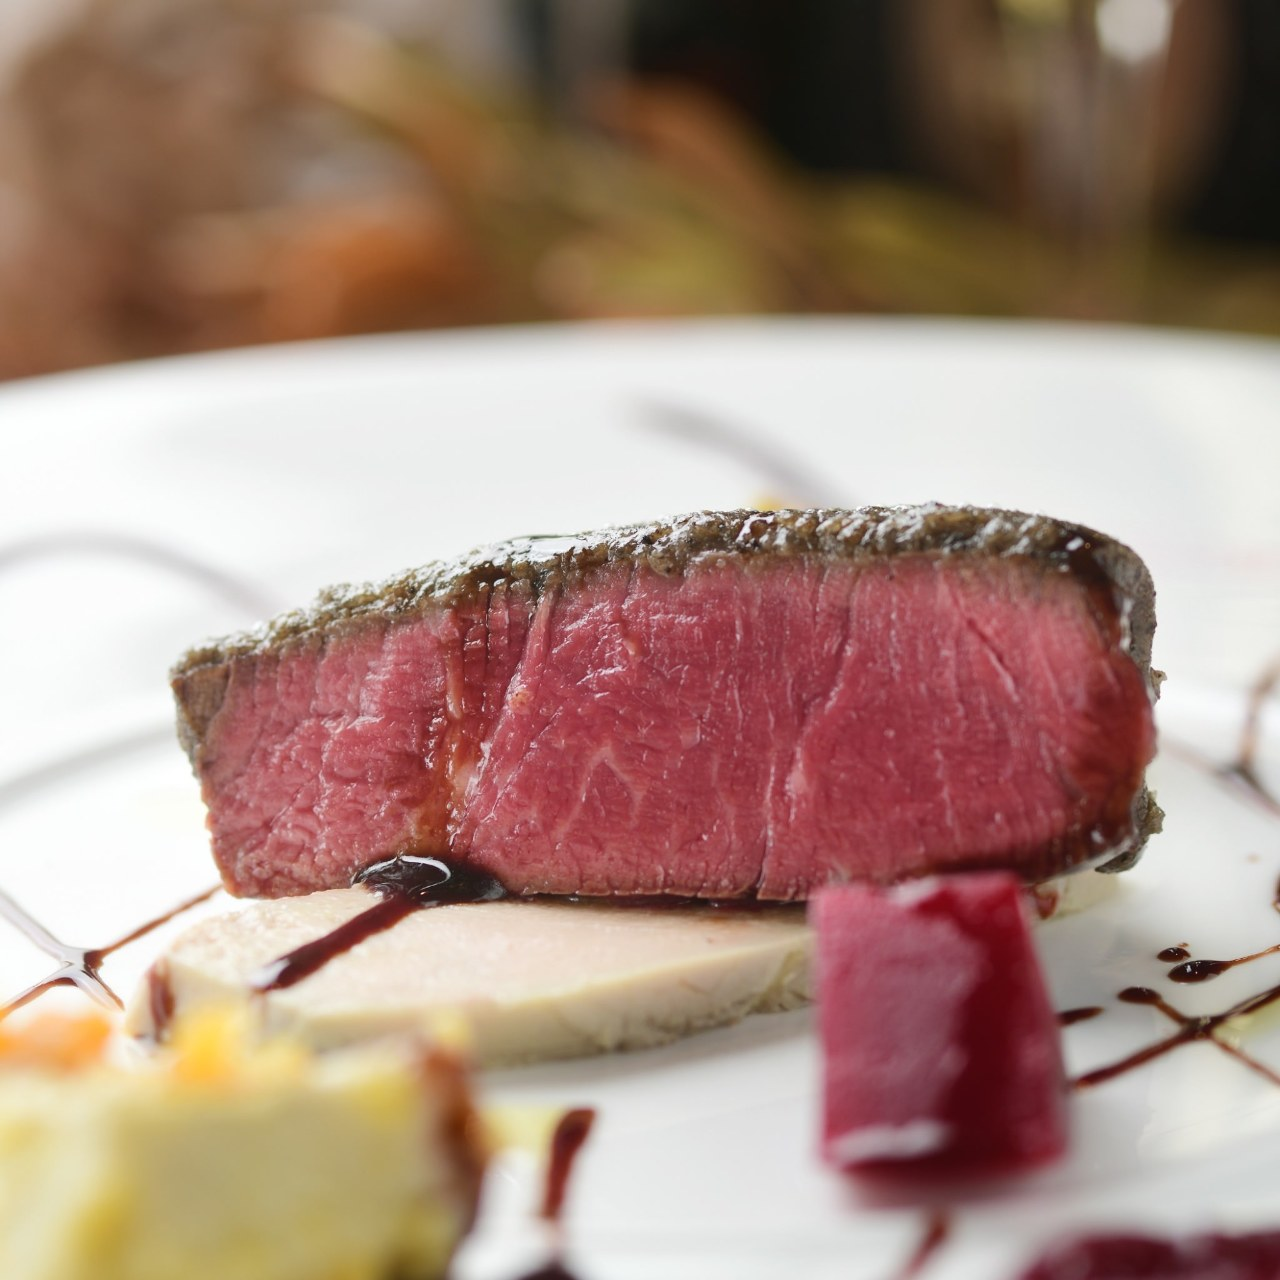 通称肉ビル1F!肉の火入れと素材選びは絶対的な自信◎